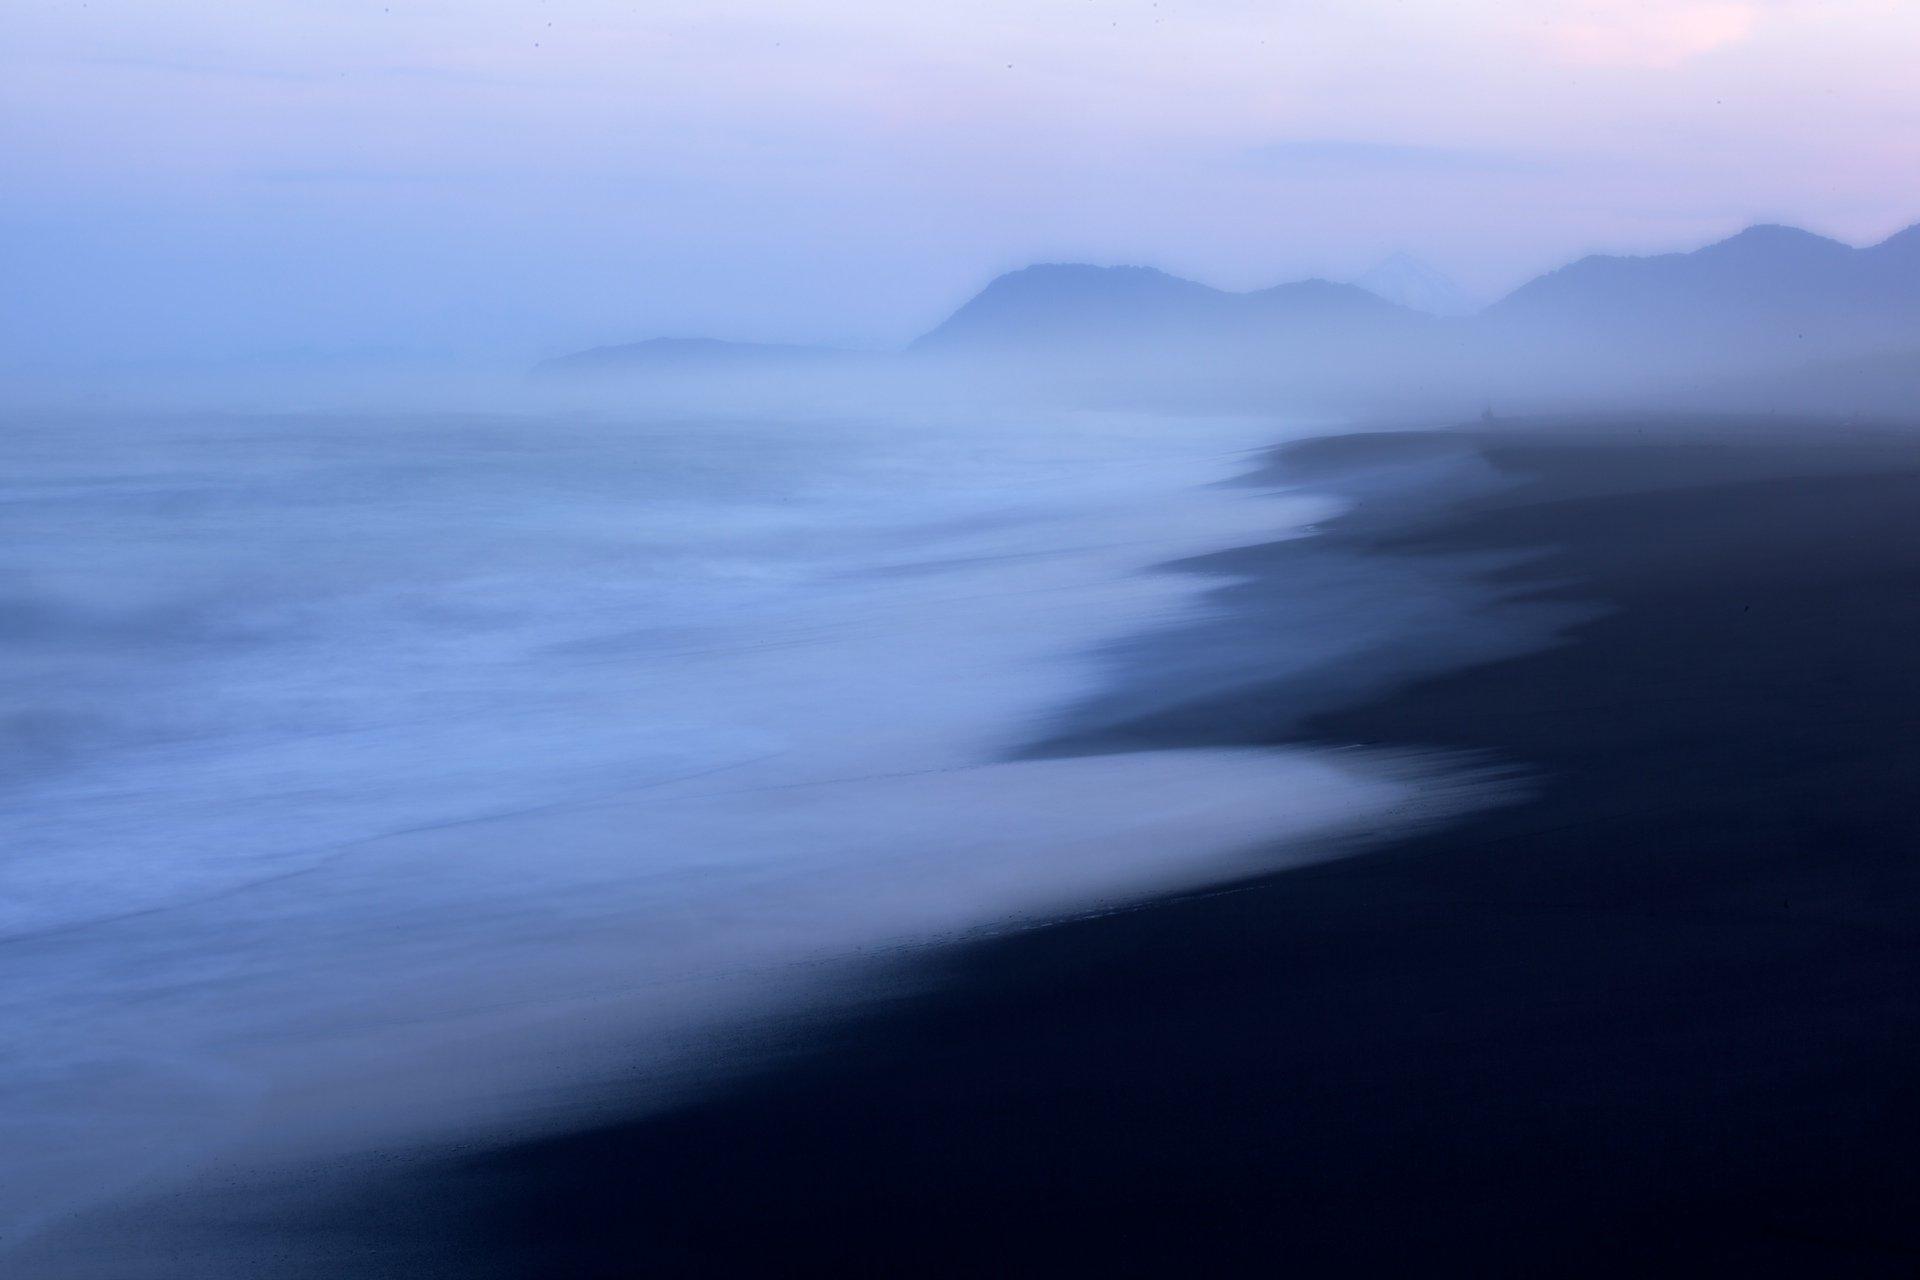 камчатка, сумерки, тихий океан, халактырский пляж, Никифоров Егор